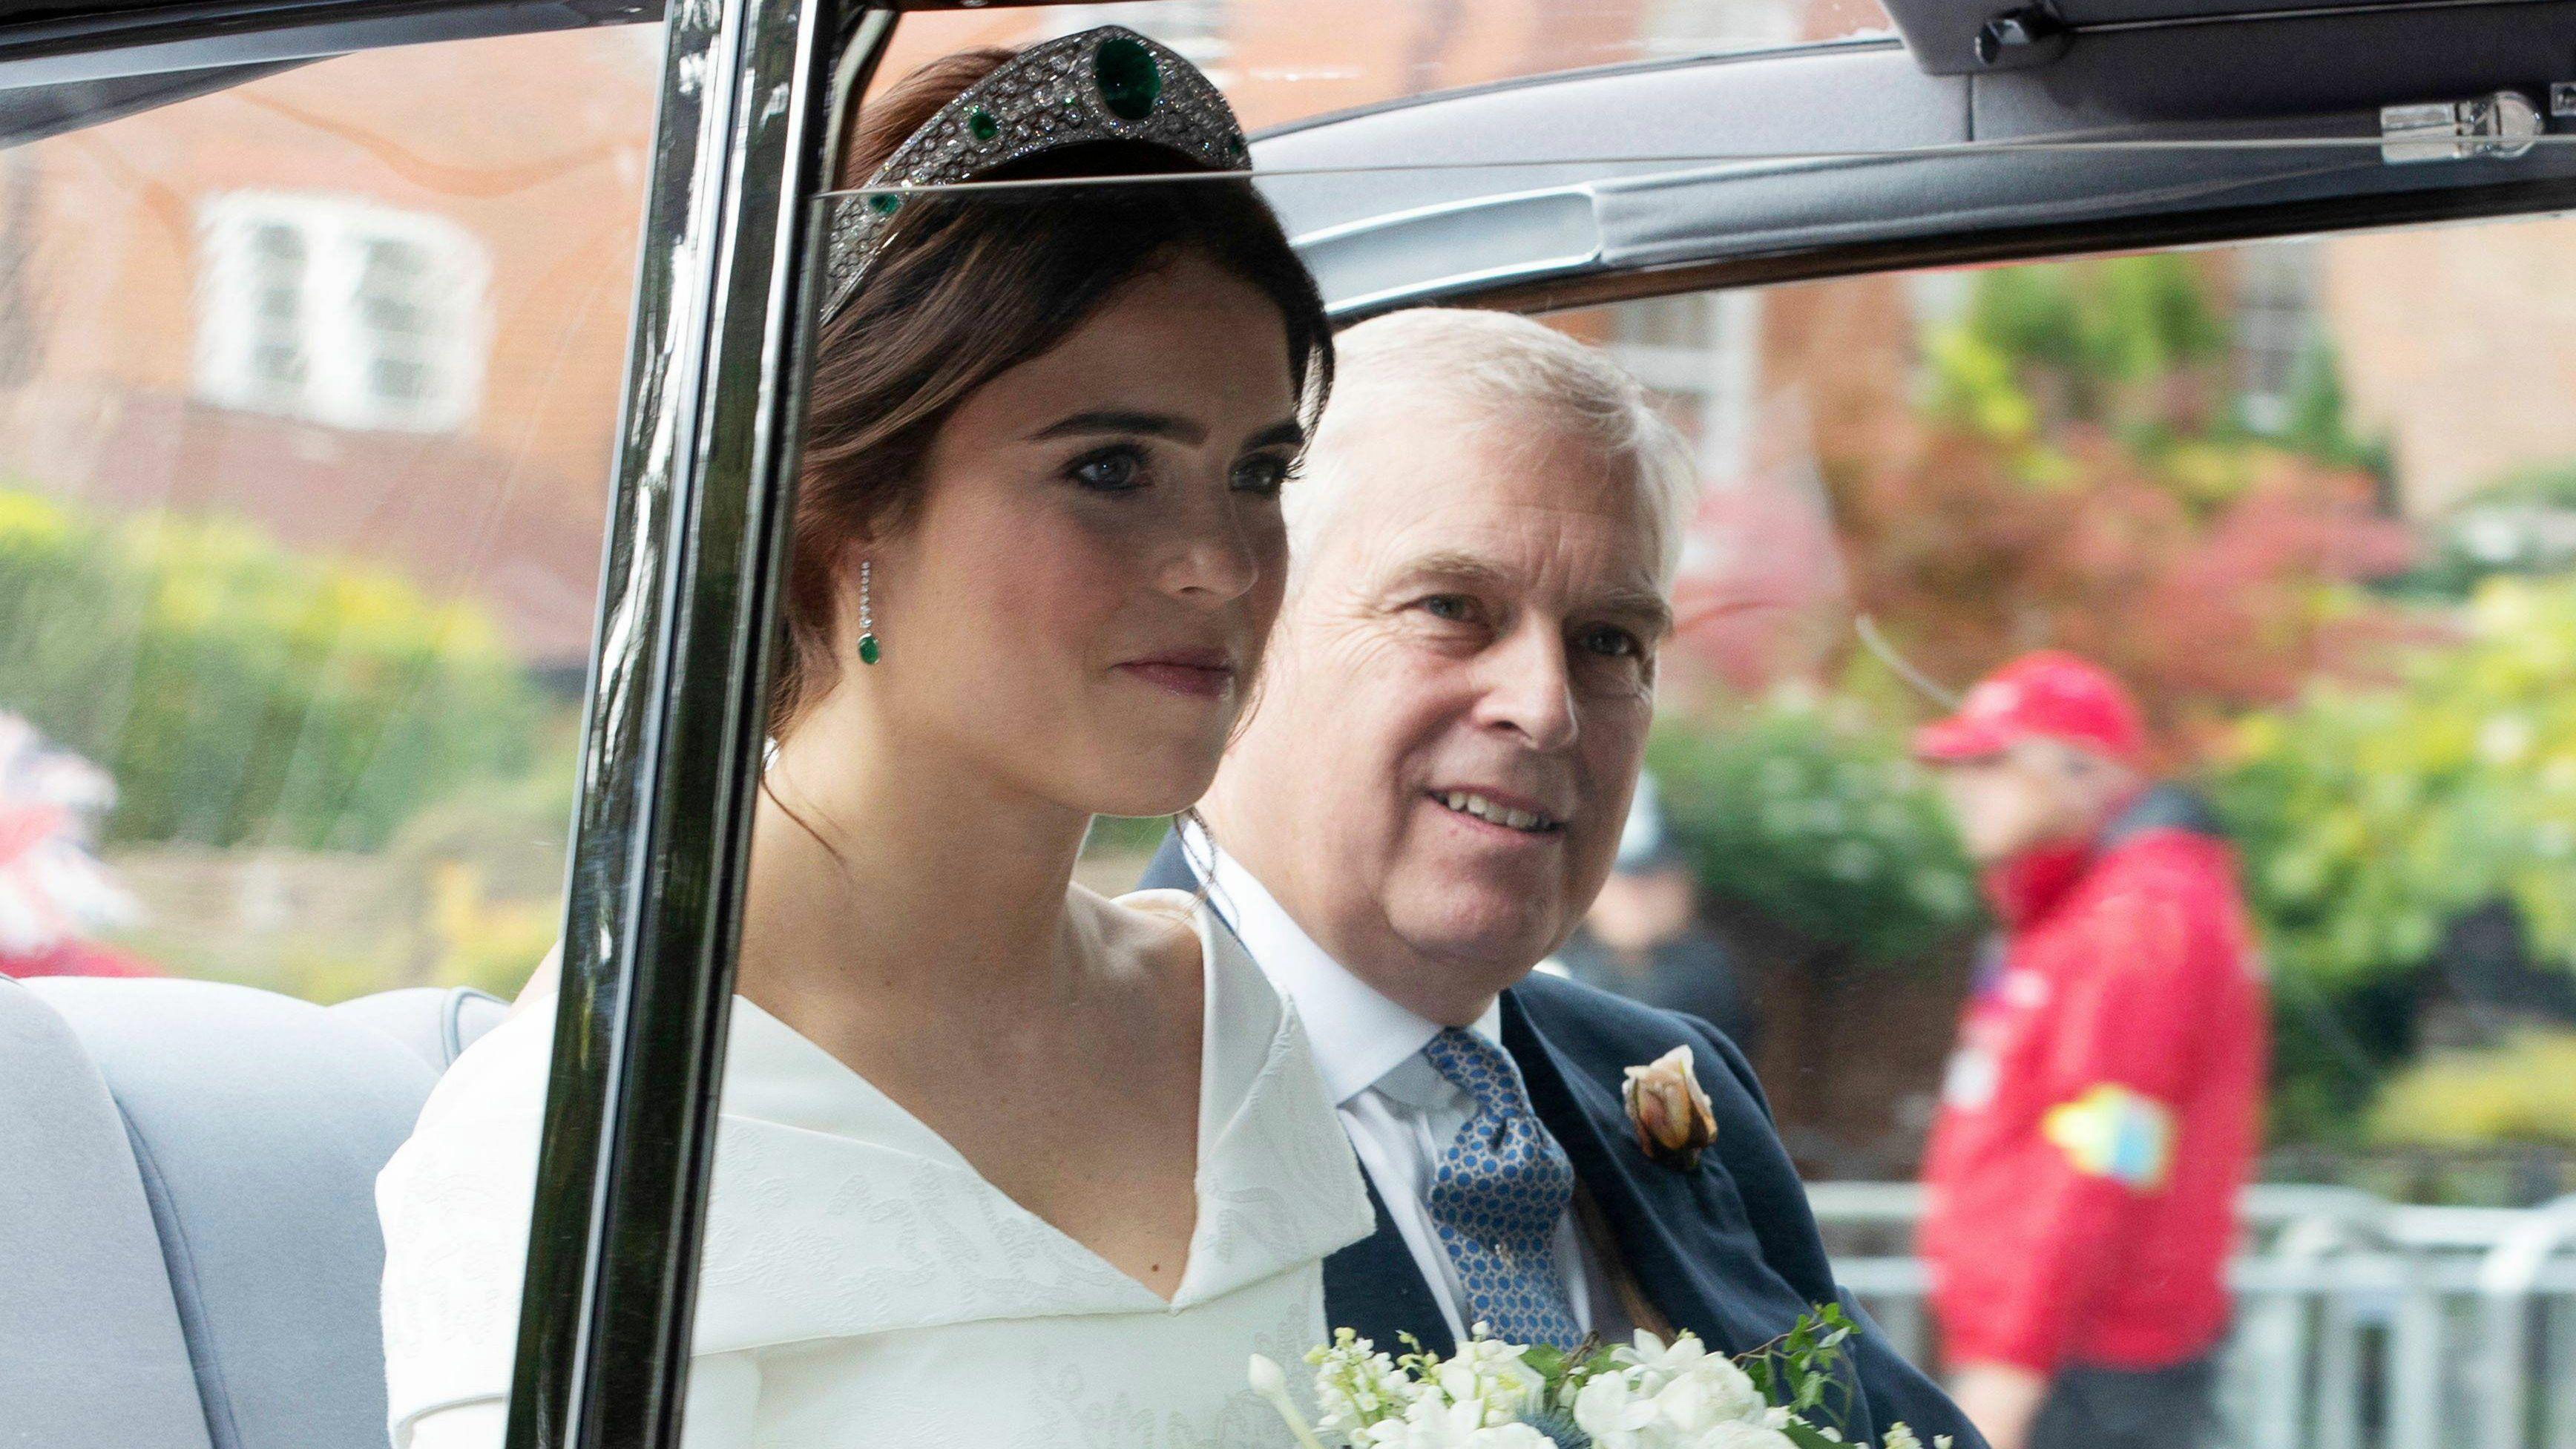 PHOTOS Mariage d\u0027Eugenie d\u0027York  découvrez le clin d\u0027œil familial et la  robe de la mariée ! , Voici